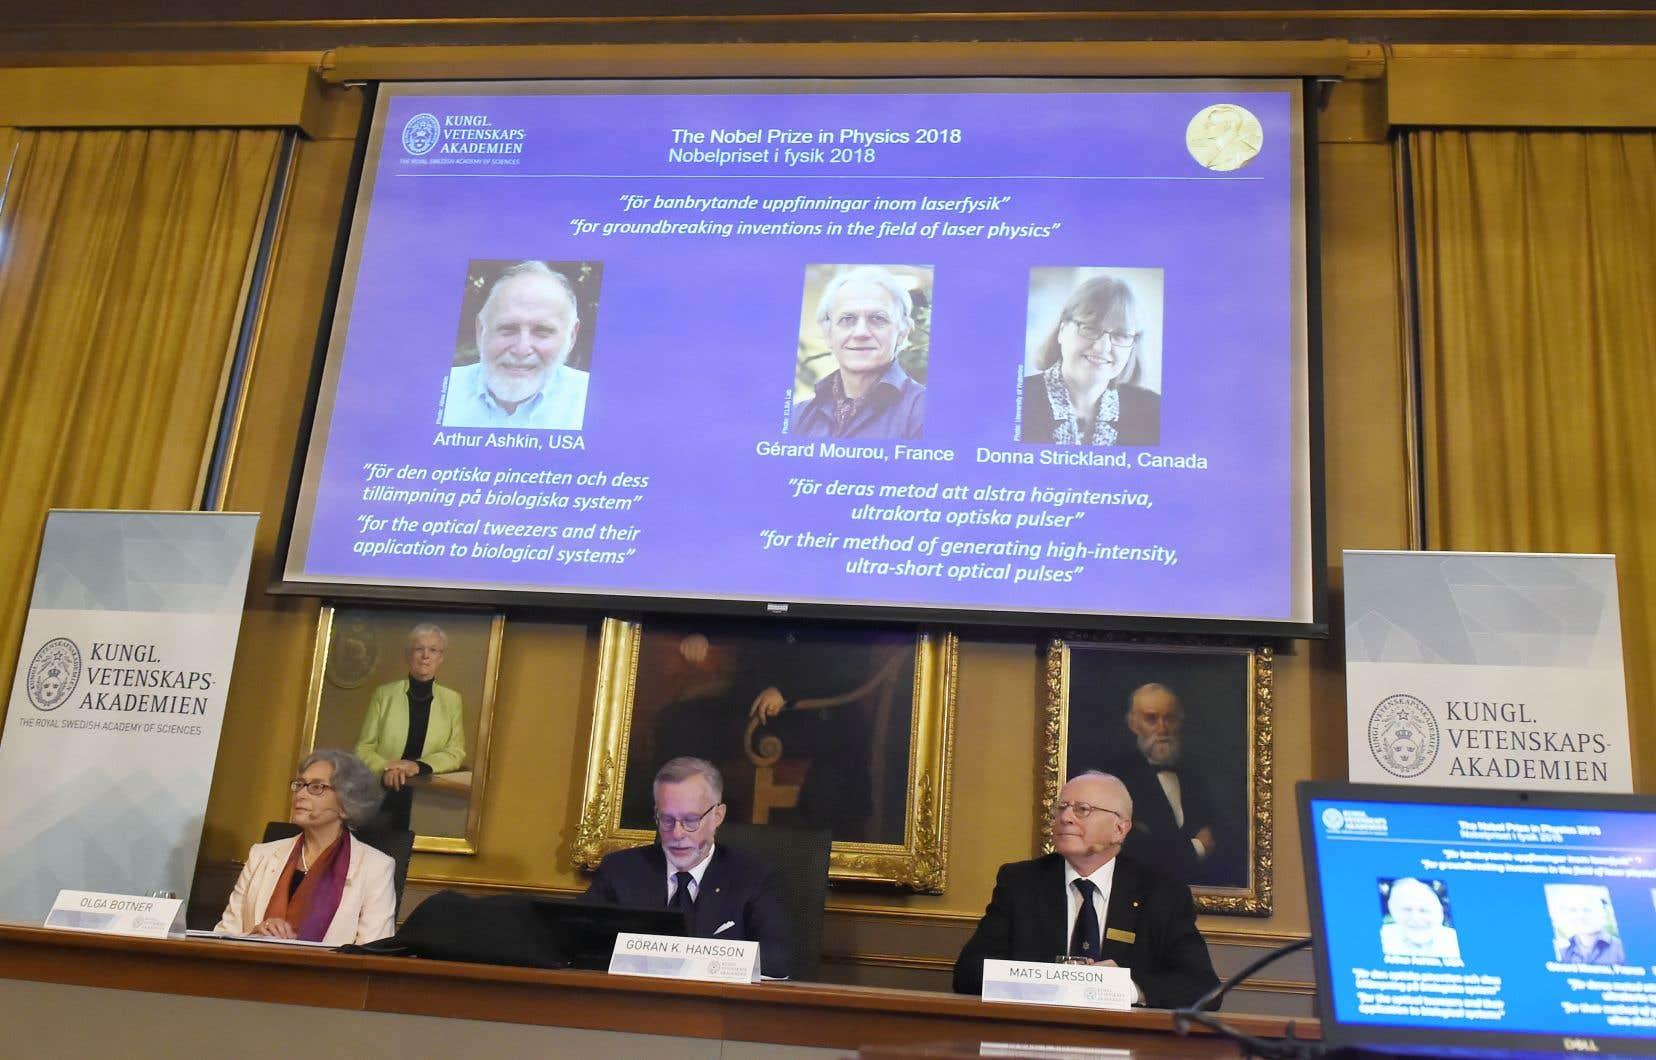 Trois scientifiques des États-Unis, du Canada et de la France se sont vus attribuer le prestigieux prix pour leurs travaux et leurs avancées sur les lasers.